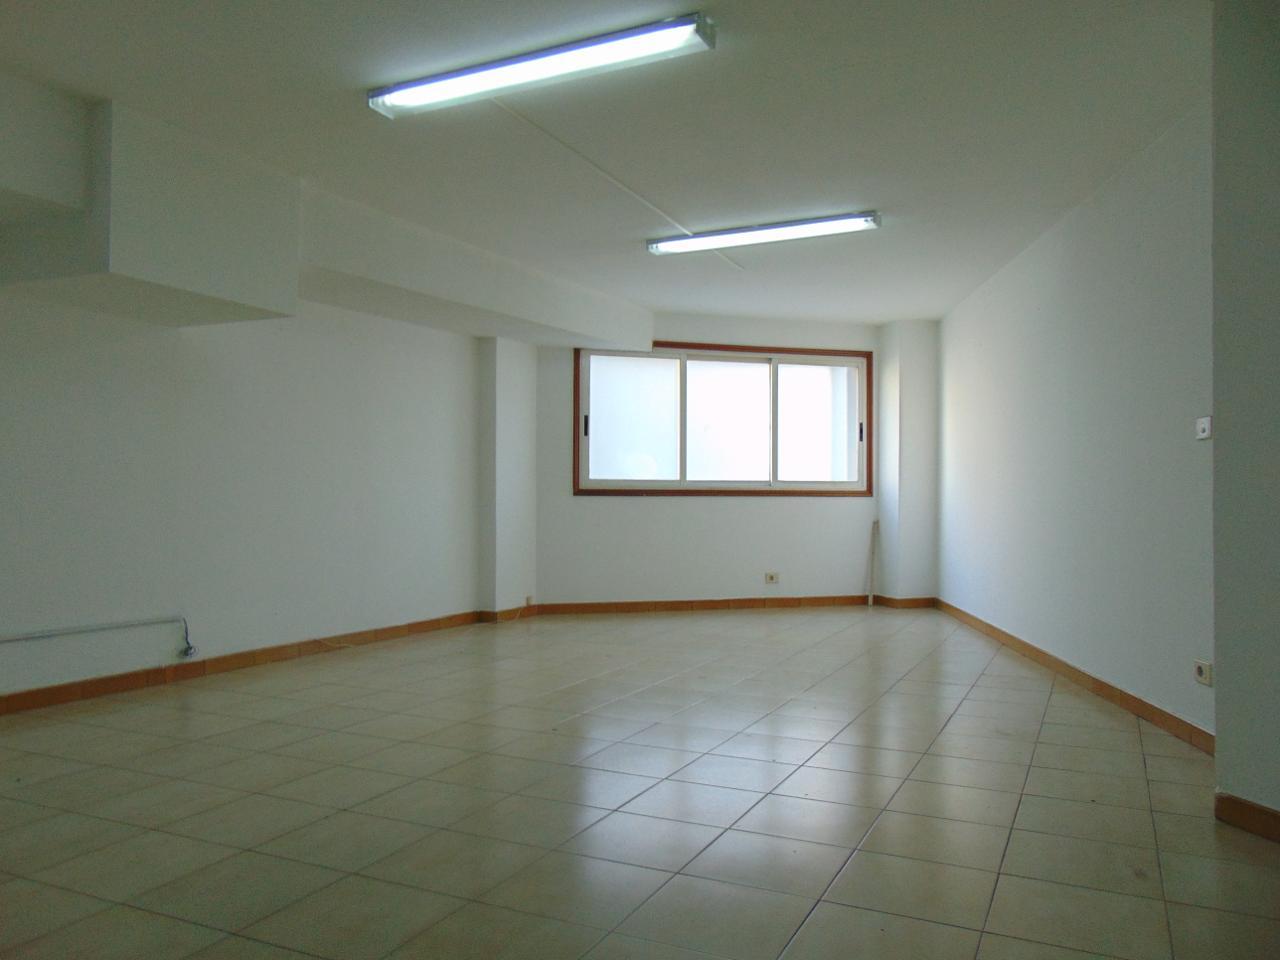 Oficina en venta en La Coruña de 110 m2